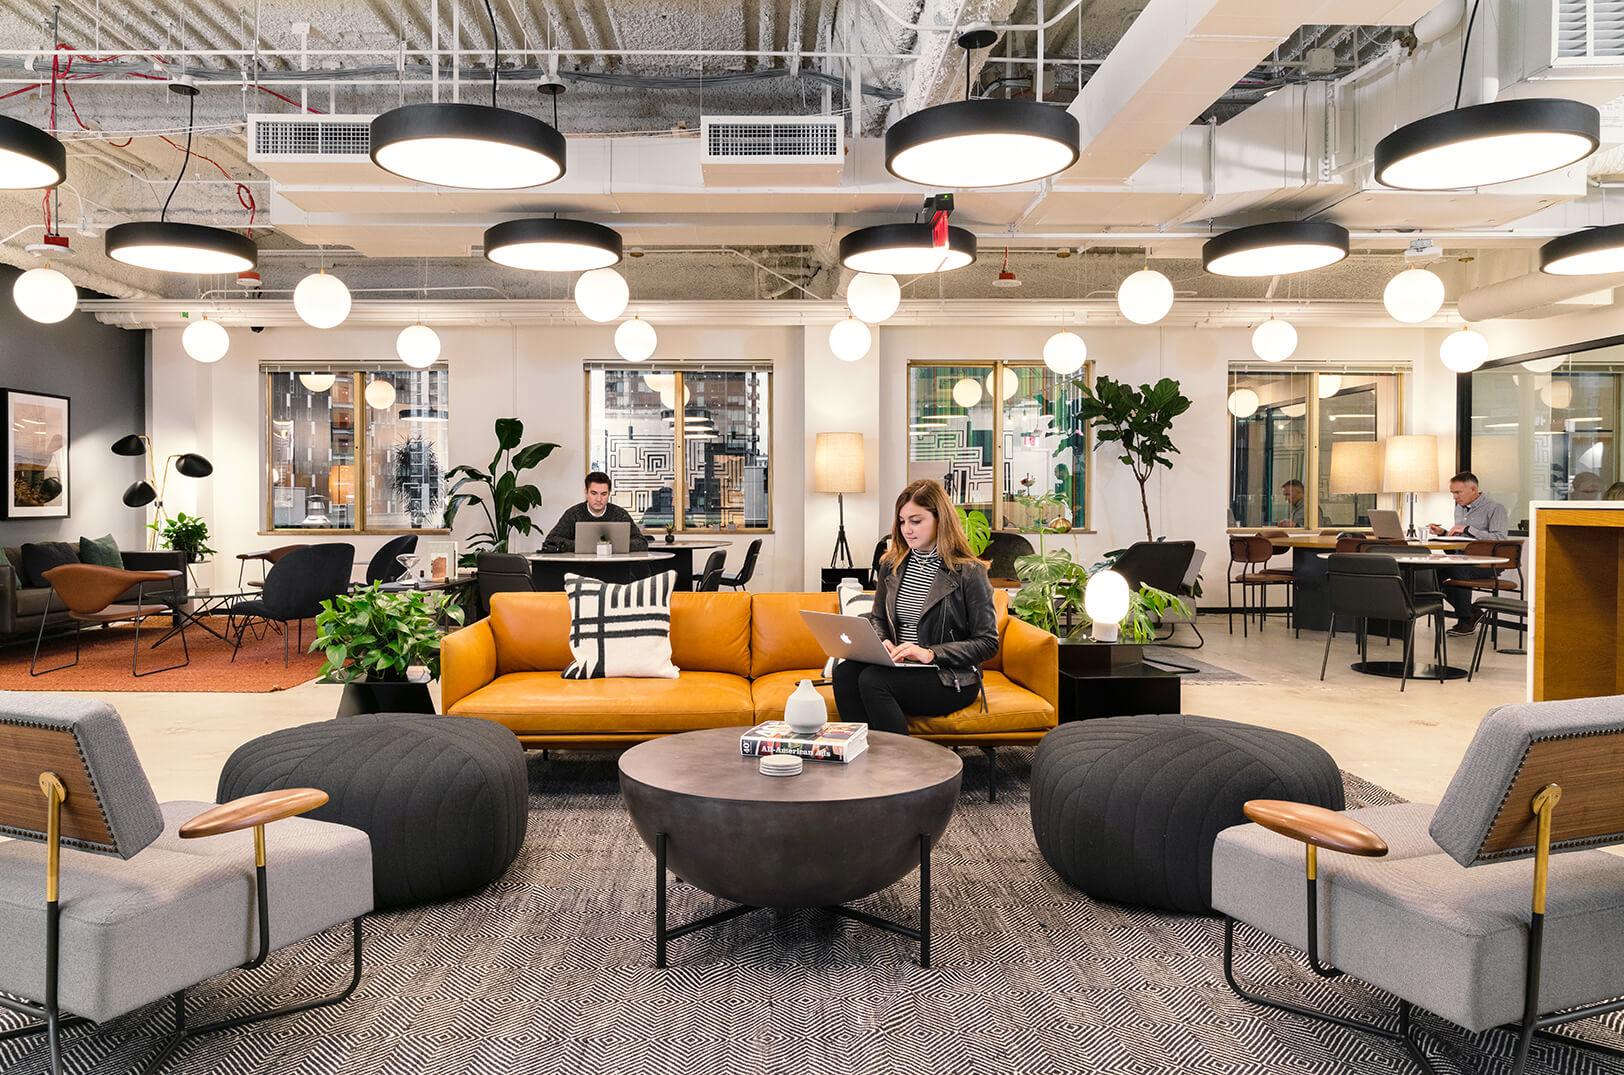 Văn phòng chia sẻ thiết kế gần gũi, tăng tương tác giữa các nhân viên